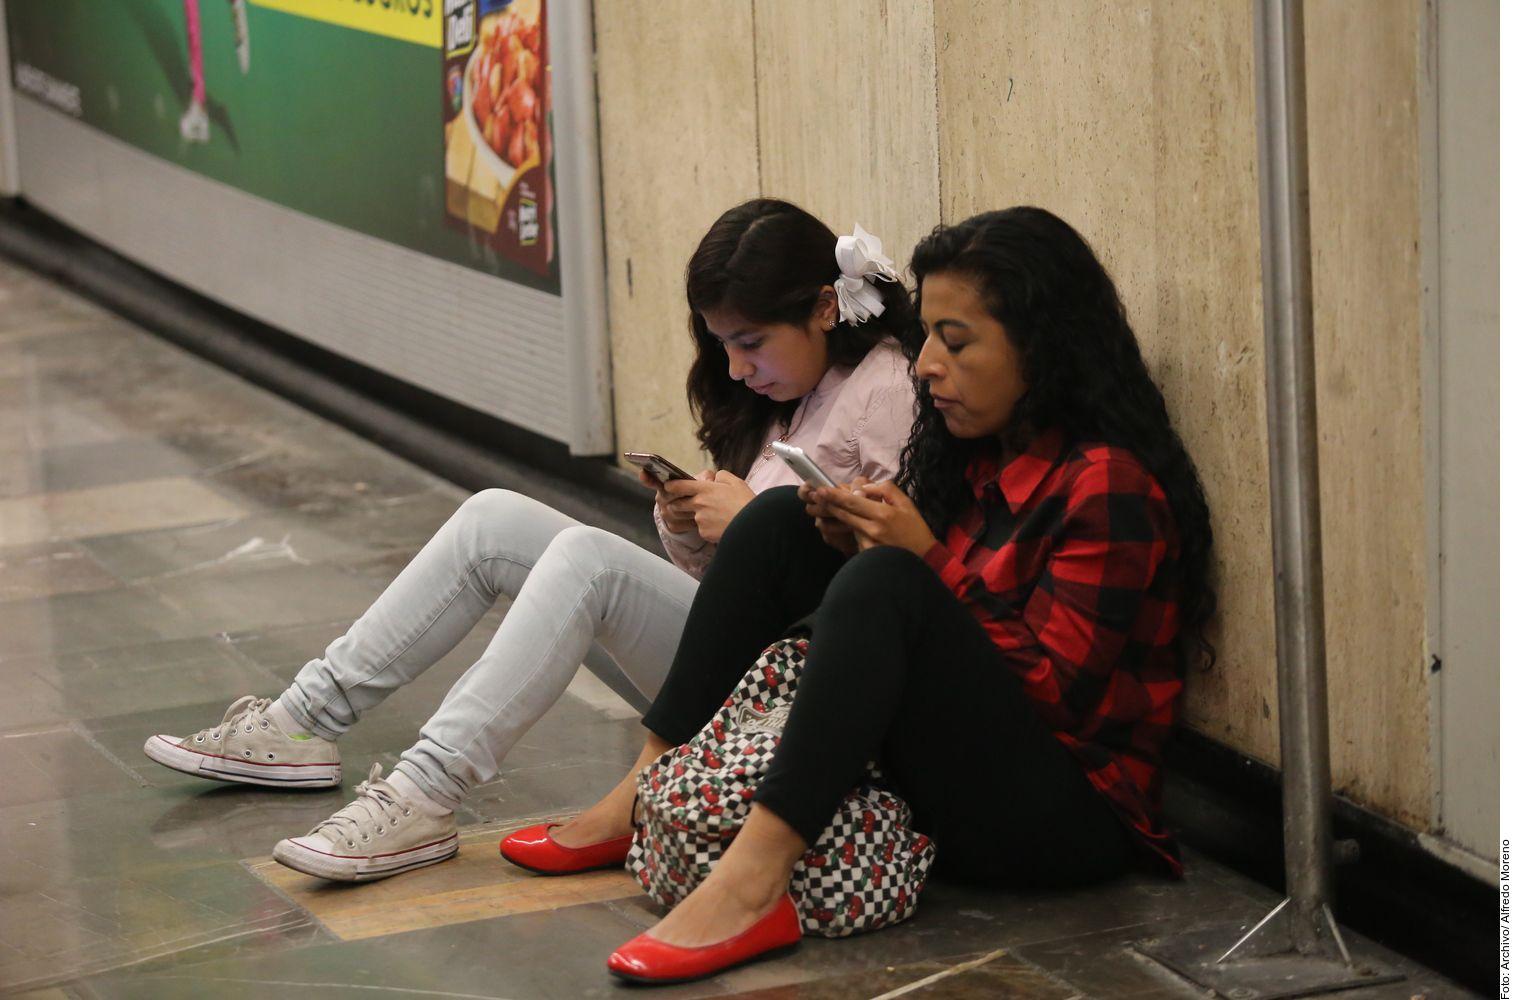 Estar de forma activa en las redes sociales es como si las personas estuvieran en una vidriera mostrándose en ropa interior.